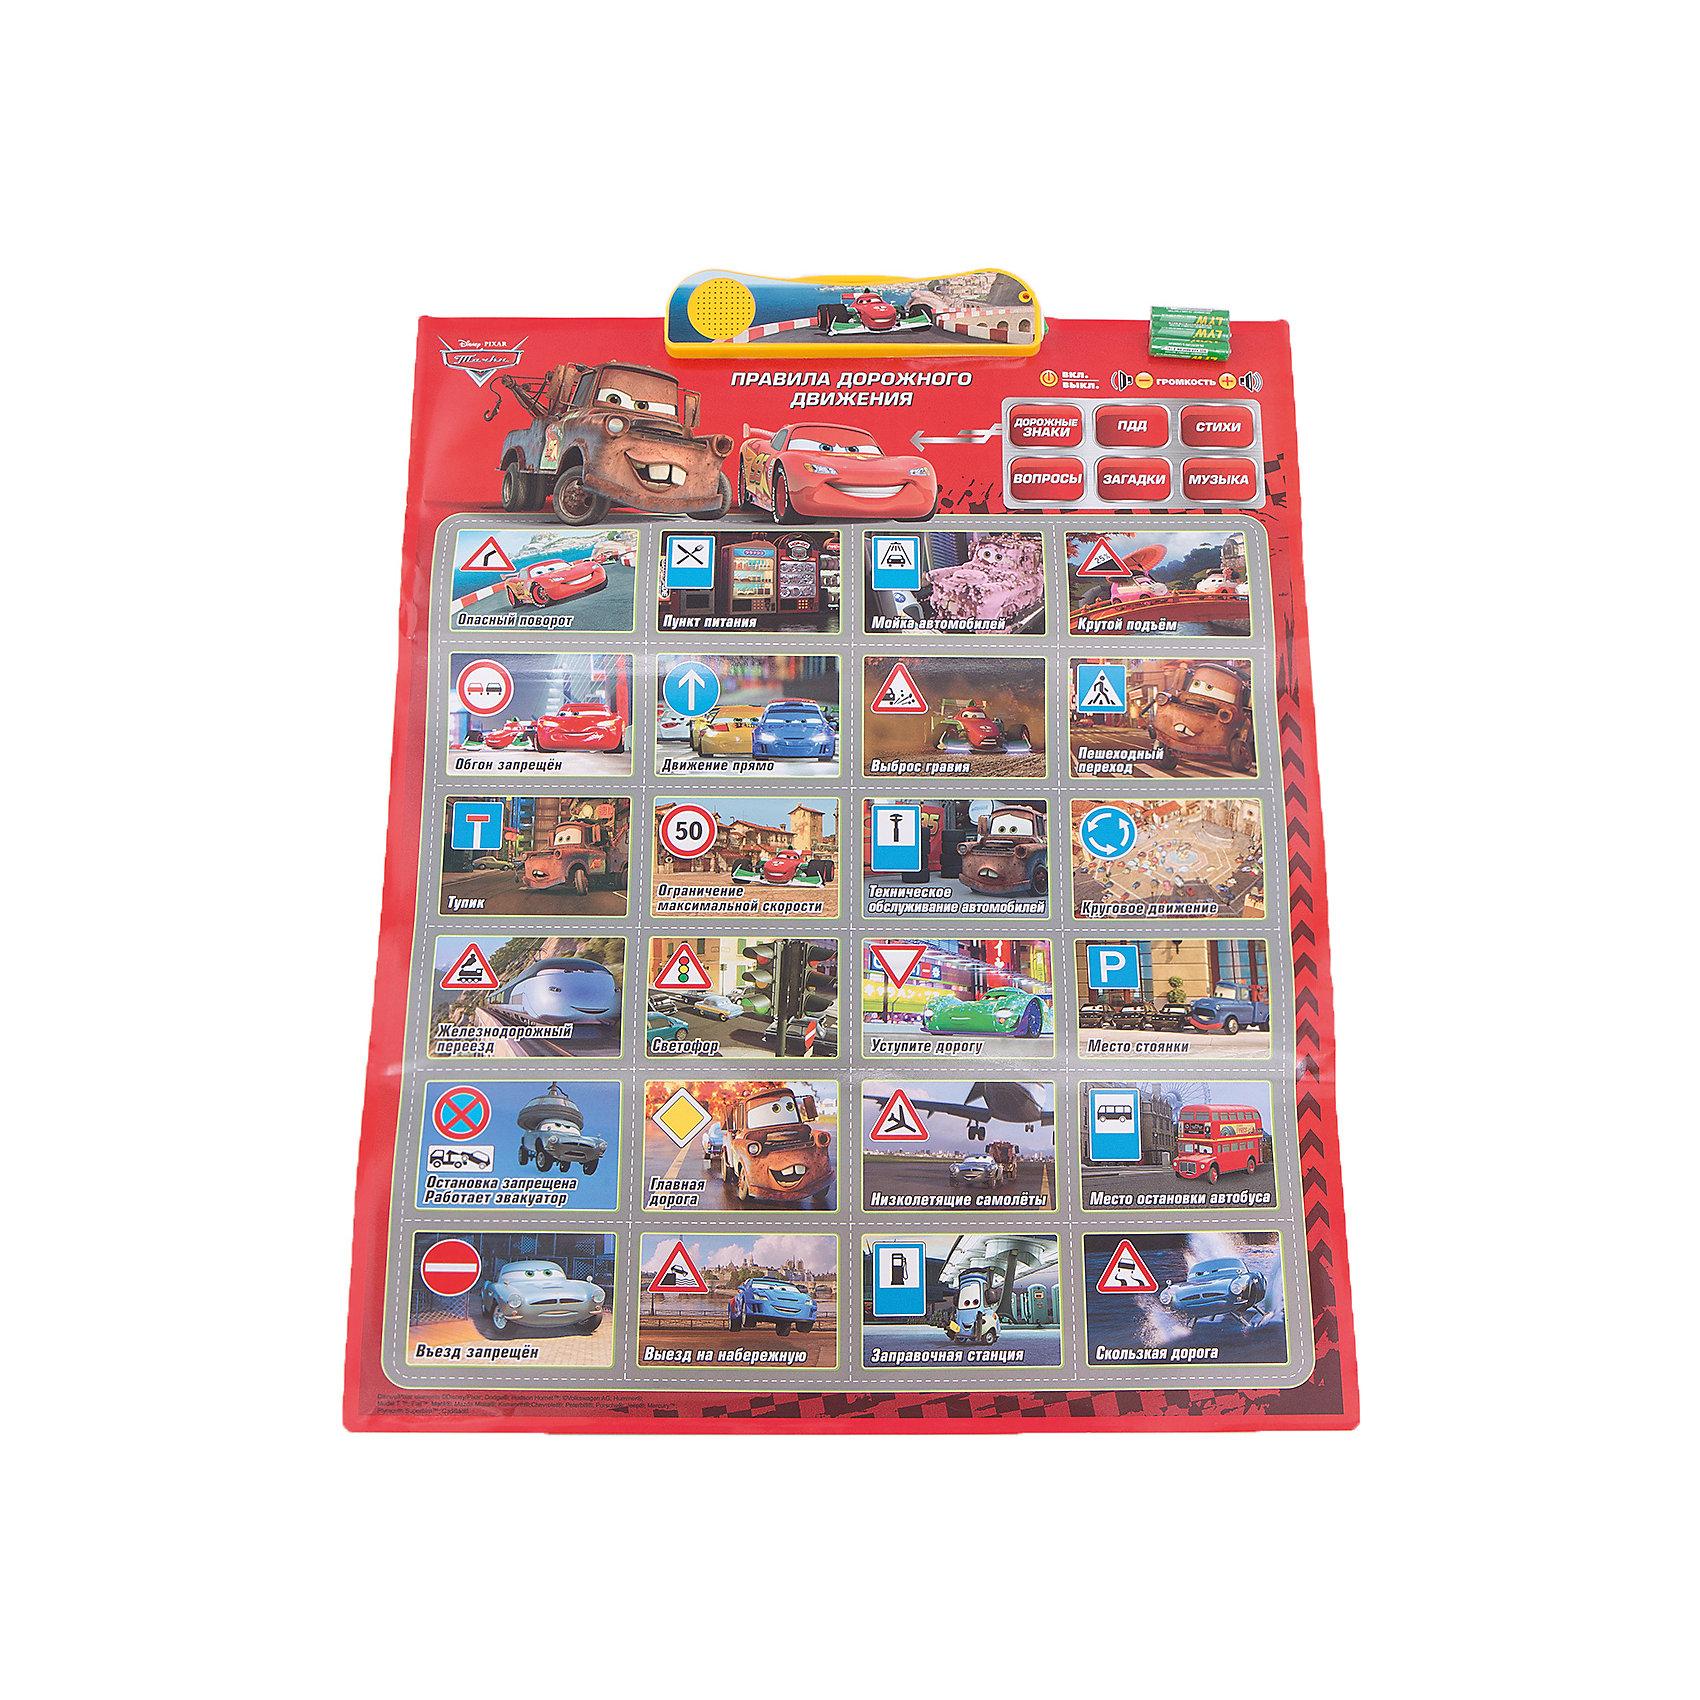 Обучающий плакат Тачки, Disney Cars, УмкаТачки<br>Характеристики товара:<br><br>• возраст: от 3 лет;<br>• материал: пластик;<br>• упаковка: картонная коробка;<br>• размер плаката: 58х47х0,2 см.;<br>• вес: 430 гр.;<br>• элементы питания: 3 x AA / LR6 1.5V (пальчиковые);<br>• батарейки: в комплекте;<br>• страна  бренда: Россия;<br>• страна изготовитель: Китай.<br><br>Обучающий плакат «Тачки», Disney Cars, Умка -  этот говорящий электронный плакат с любимыми героями диснеевского мультфильма включает в себя: 3 песни про героев мультфильма «Тачки», 24 загадки, множество дорожных знаков и вопросы о Правилах Дорожного Движения. <br><br>Плакат можно разместить на полу или любой другой ровной горизонтальной поверхности. На плакате расположены сенсорные кнопки, которые удобны для малышей. Также на нём находится регулировка громкости и автоматическое отключение, если малыш долгое время не будет пользоваться плакатом. <br><br>Благодаря плакату ребёнок в лёгком игровой форме сможет выучить основные дорожные знаки и Правила Дорожного Движения, а также развить внимательность, усидчивость, мелкую моторику и пополнить свой словарный запас. <br><br>Поверхность плаката выполнена из качественного влагозащитного материала. <br><br>Обучающий плакат «Тачки», Disney Cars, Умка можно купить в нашем интернет-магазине.<br><br>Ширина мм: 2<br>Глубина мм: 470<br>Высота мм: 580<br>Вес г: 430<br>Возраст от месяцев: 36<br>Возраст до месяцев: 60<br>Пол: Унисекс<br>Возраст: Детский<br>SKU: 6918834